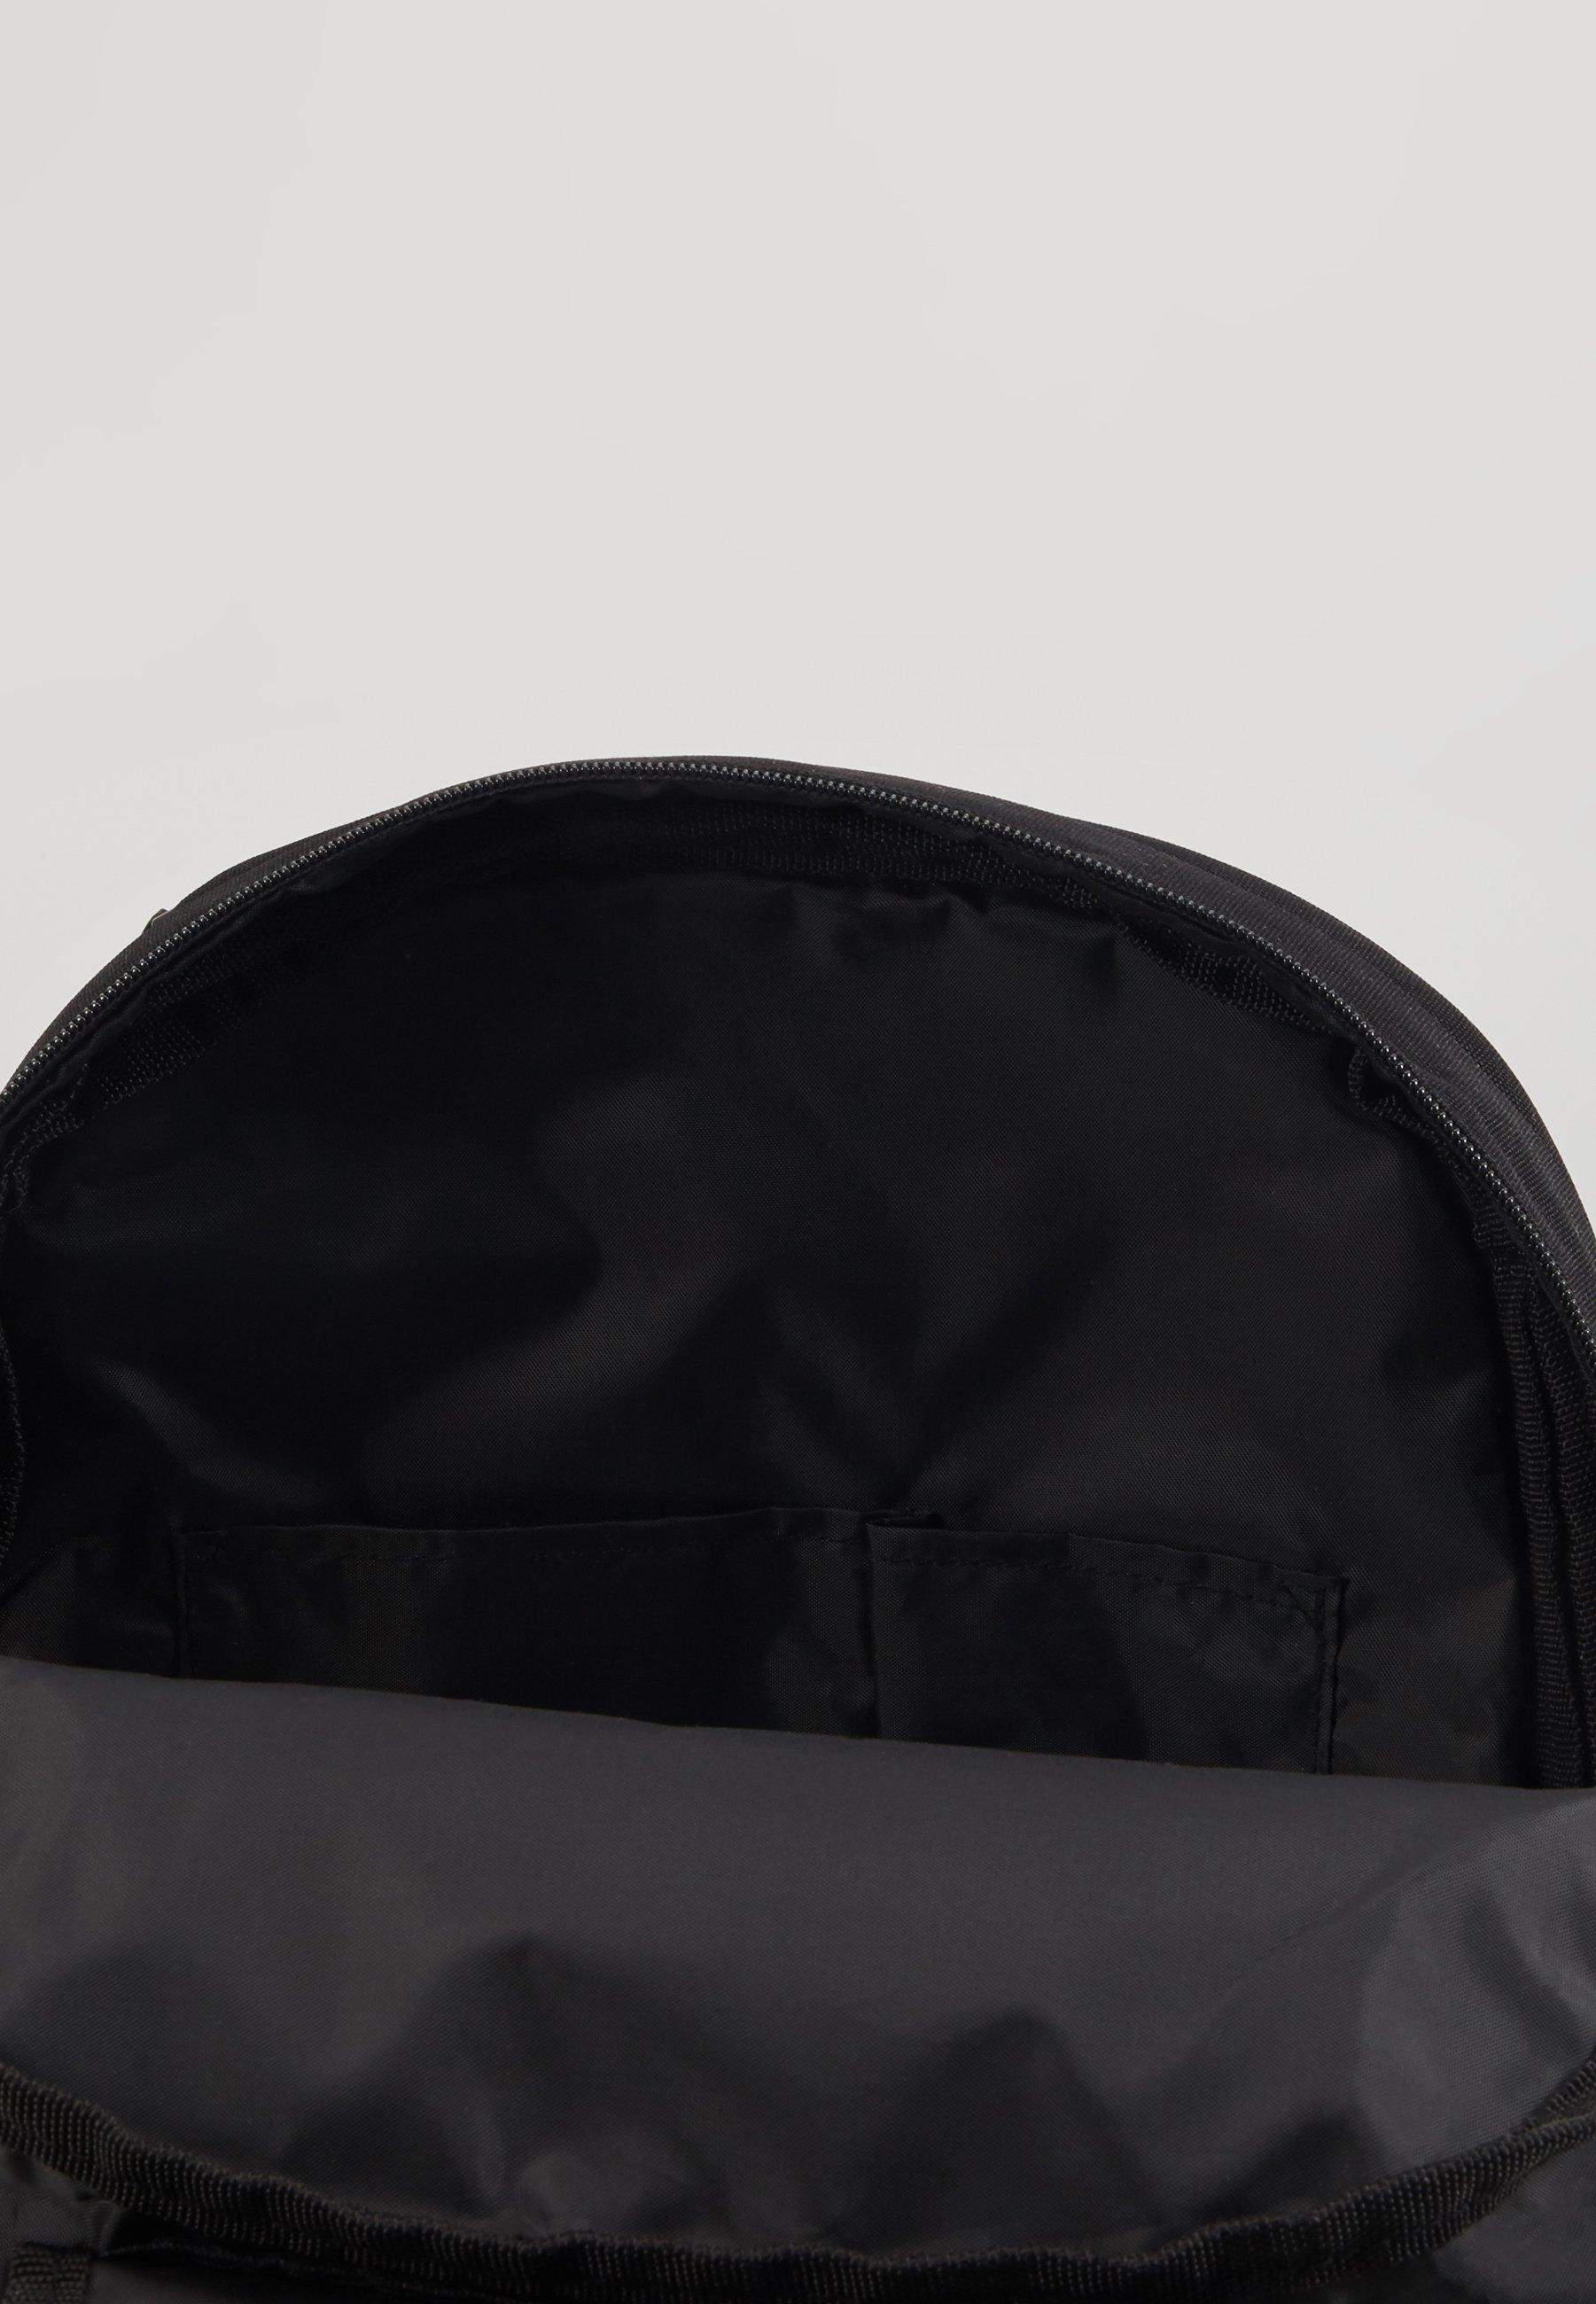 Superdry City Pack - Zaino Black X5zAeuK